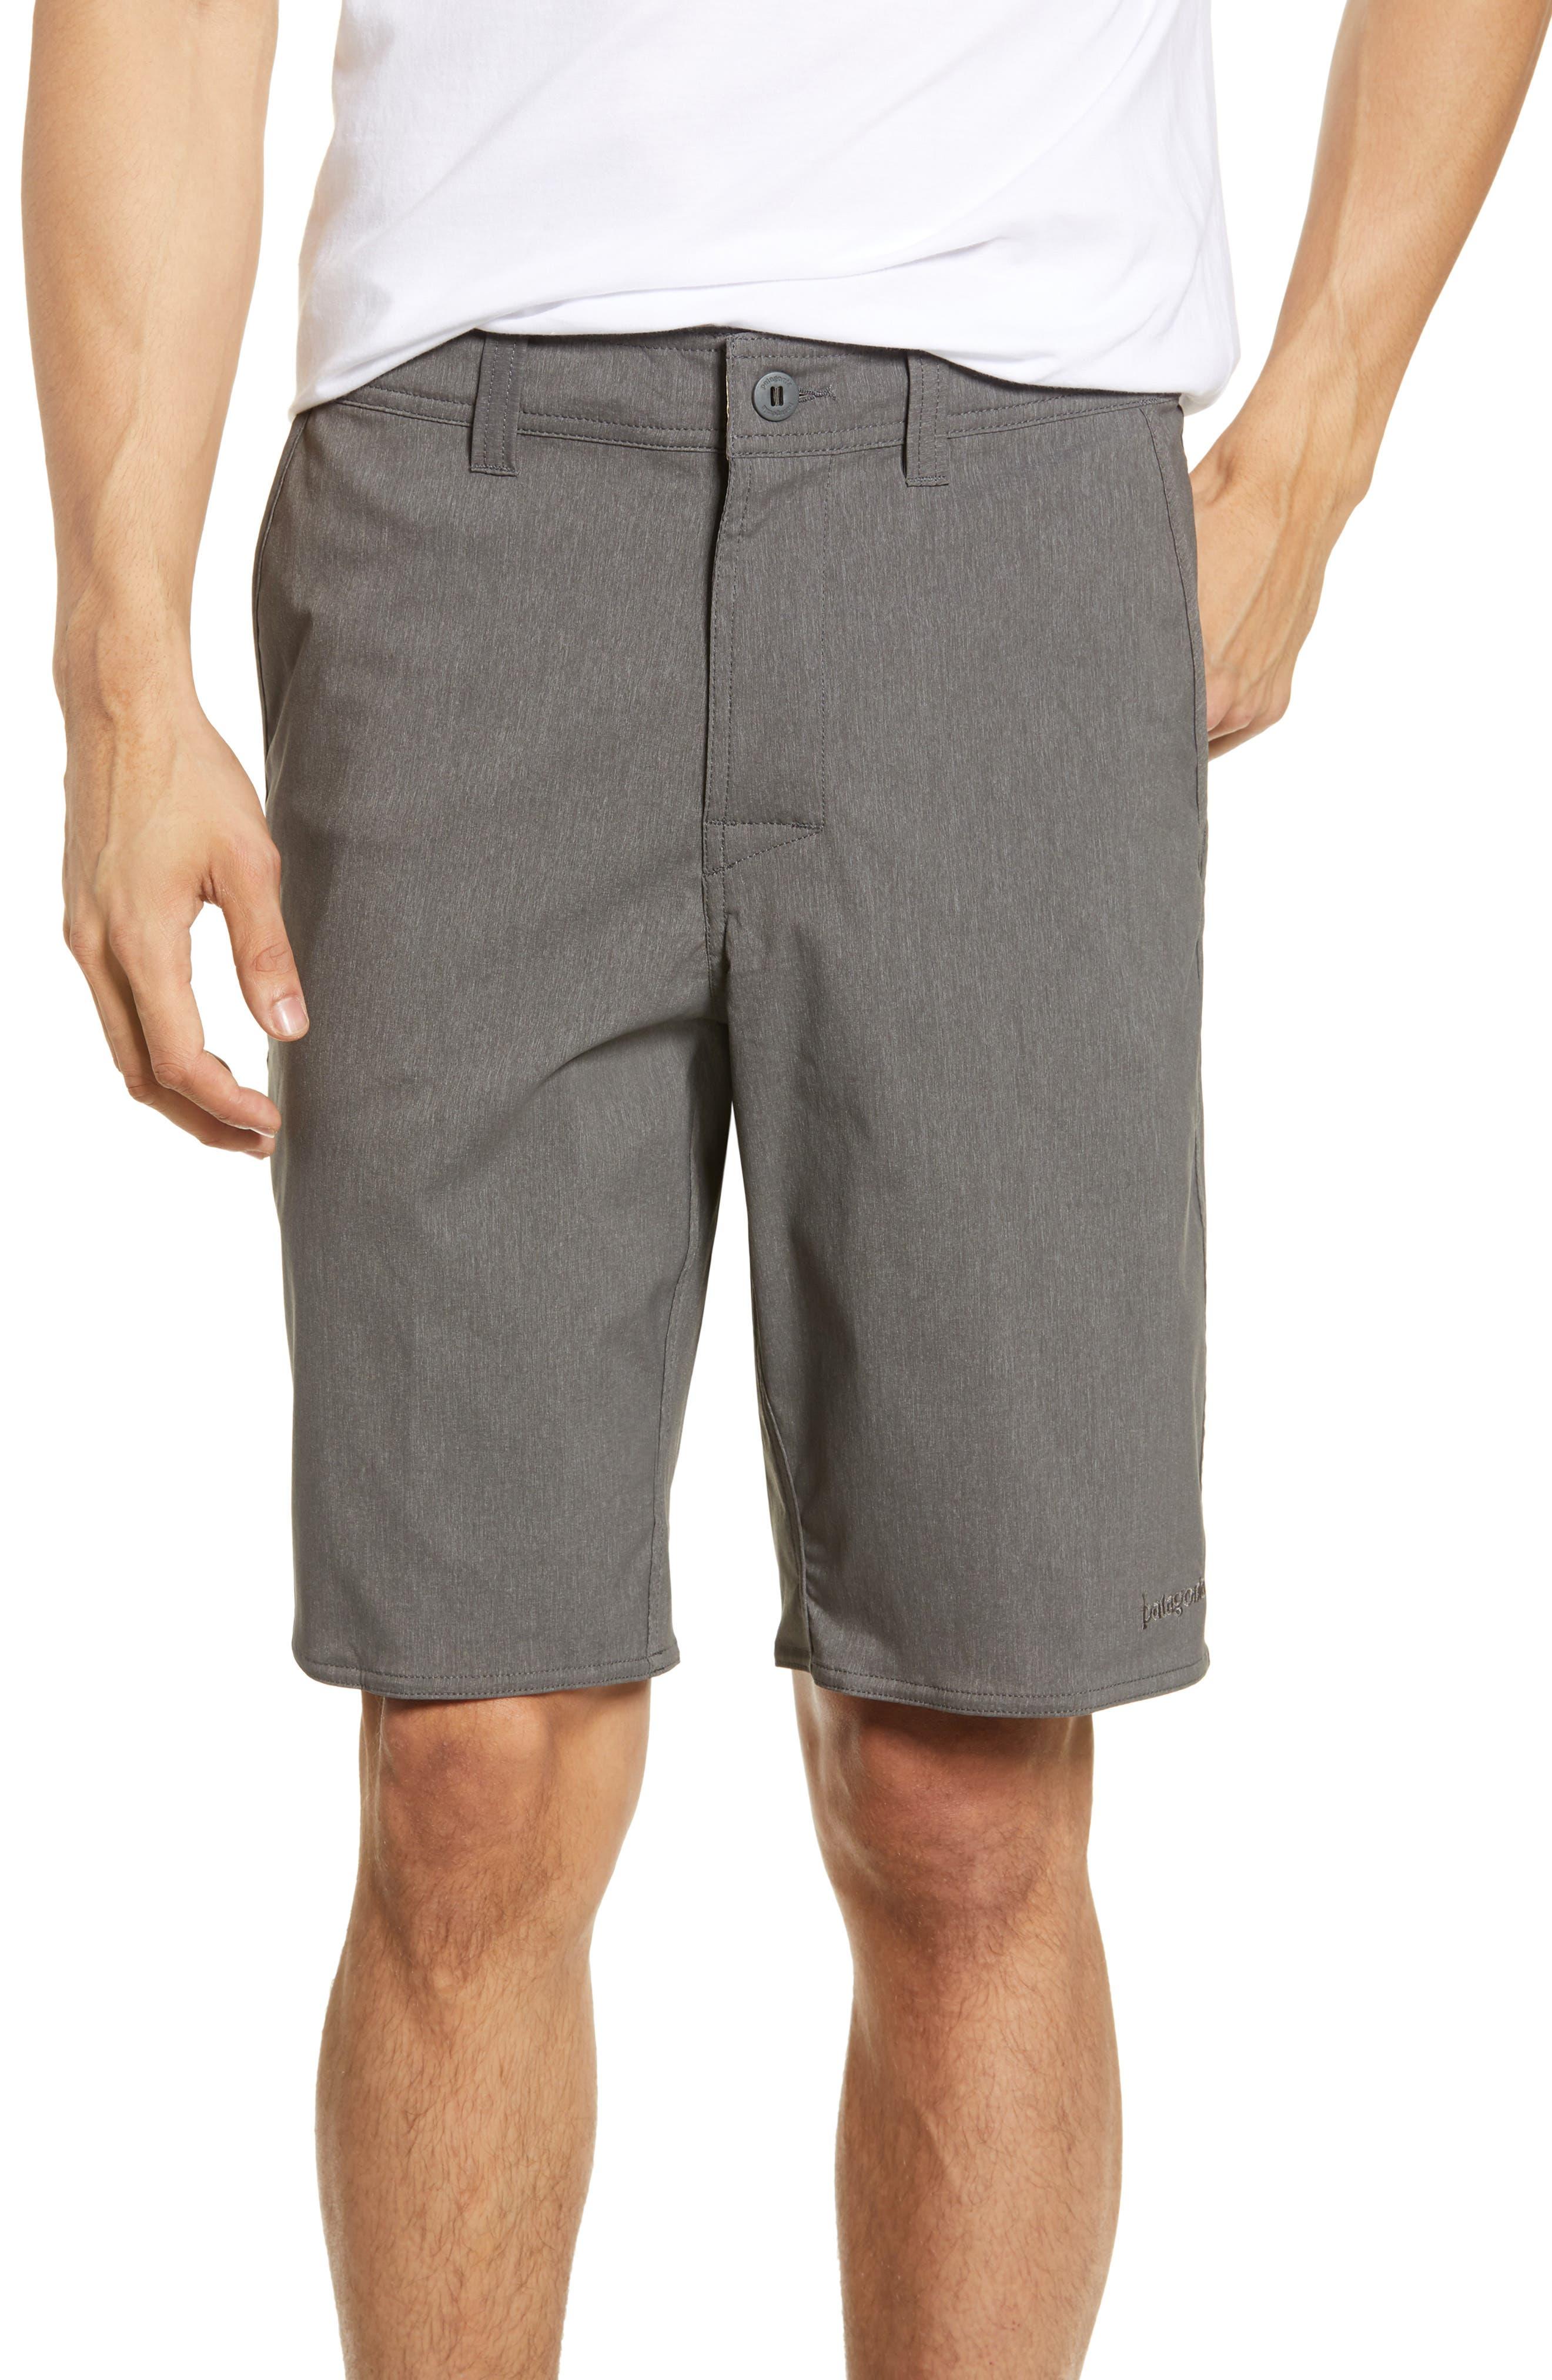 Patagonia Stretch Wavefarer Walking Shorts, Grey